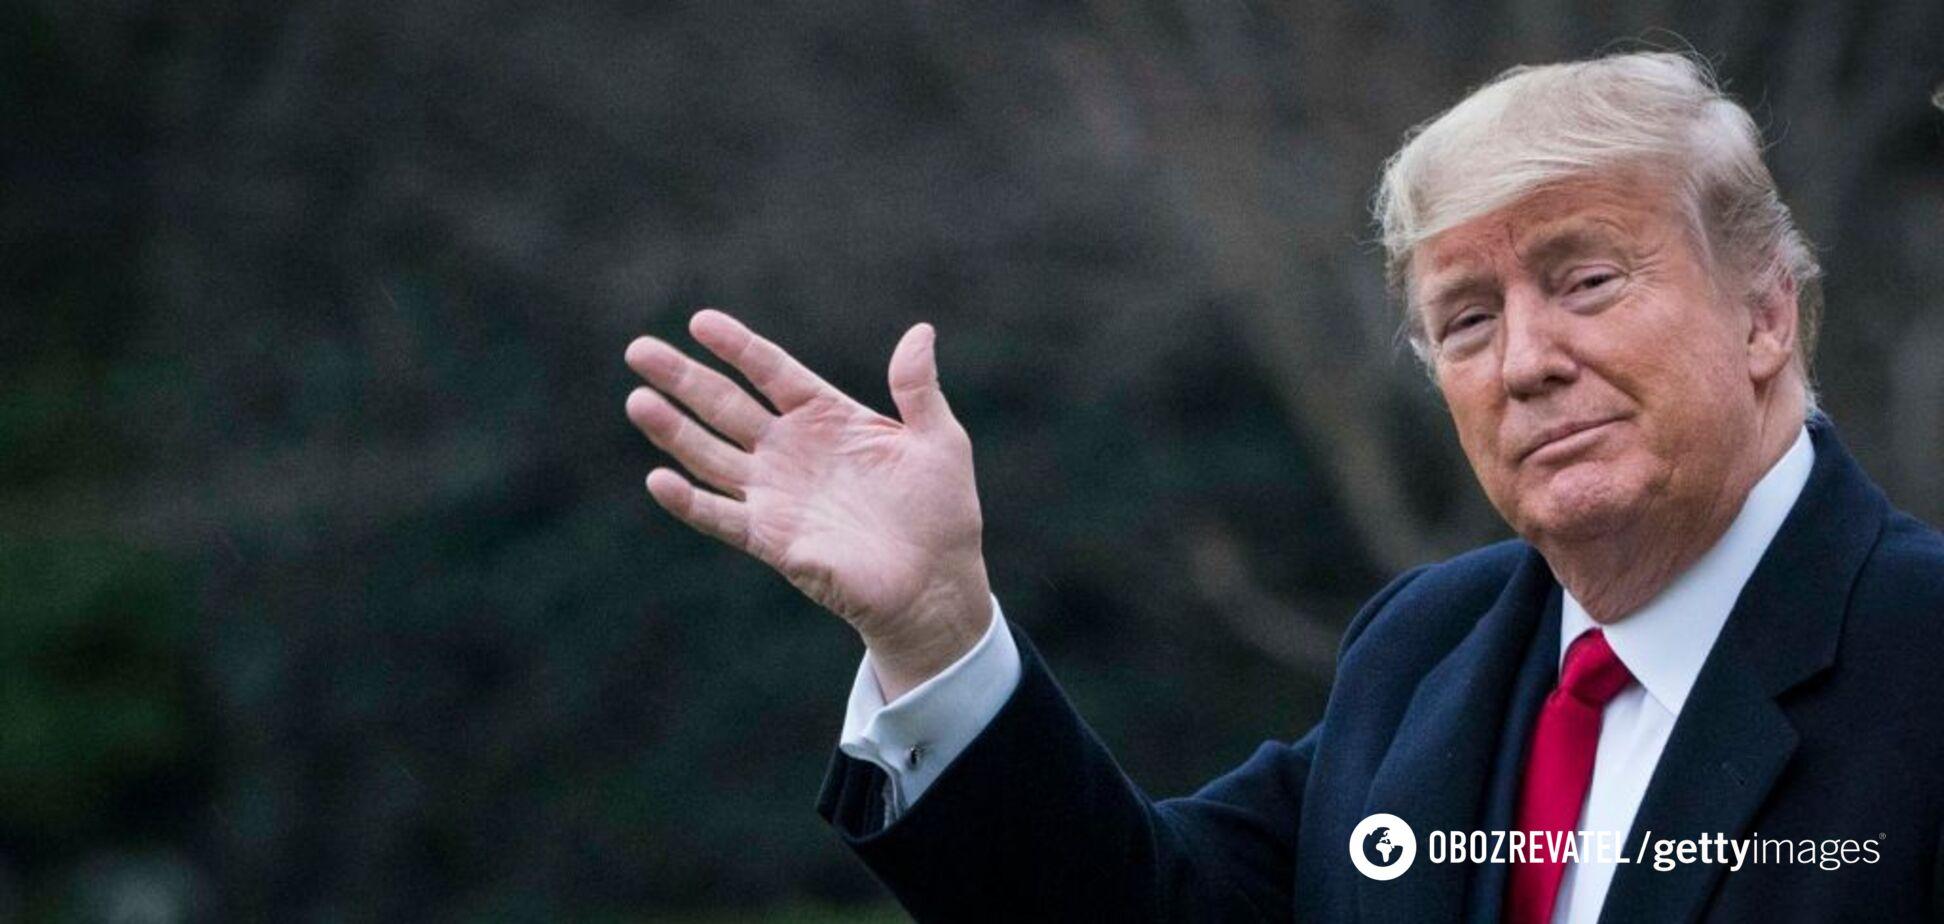 Трамп заявив про запуск власної соцмережі: її відразу зламали. Фото